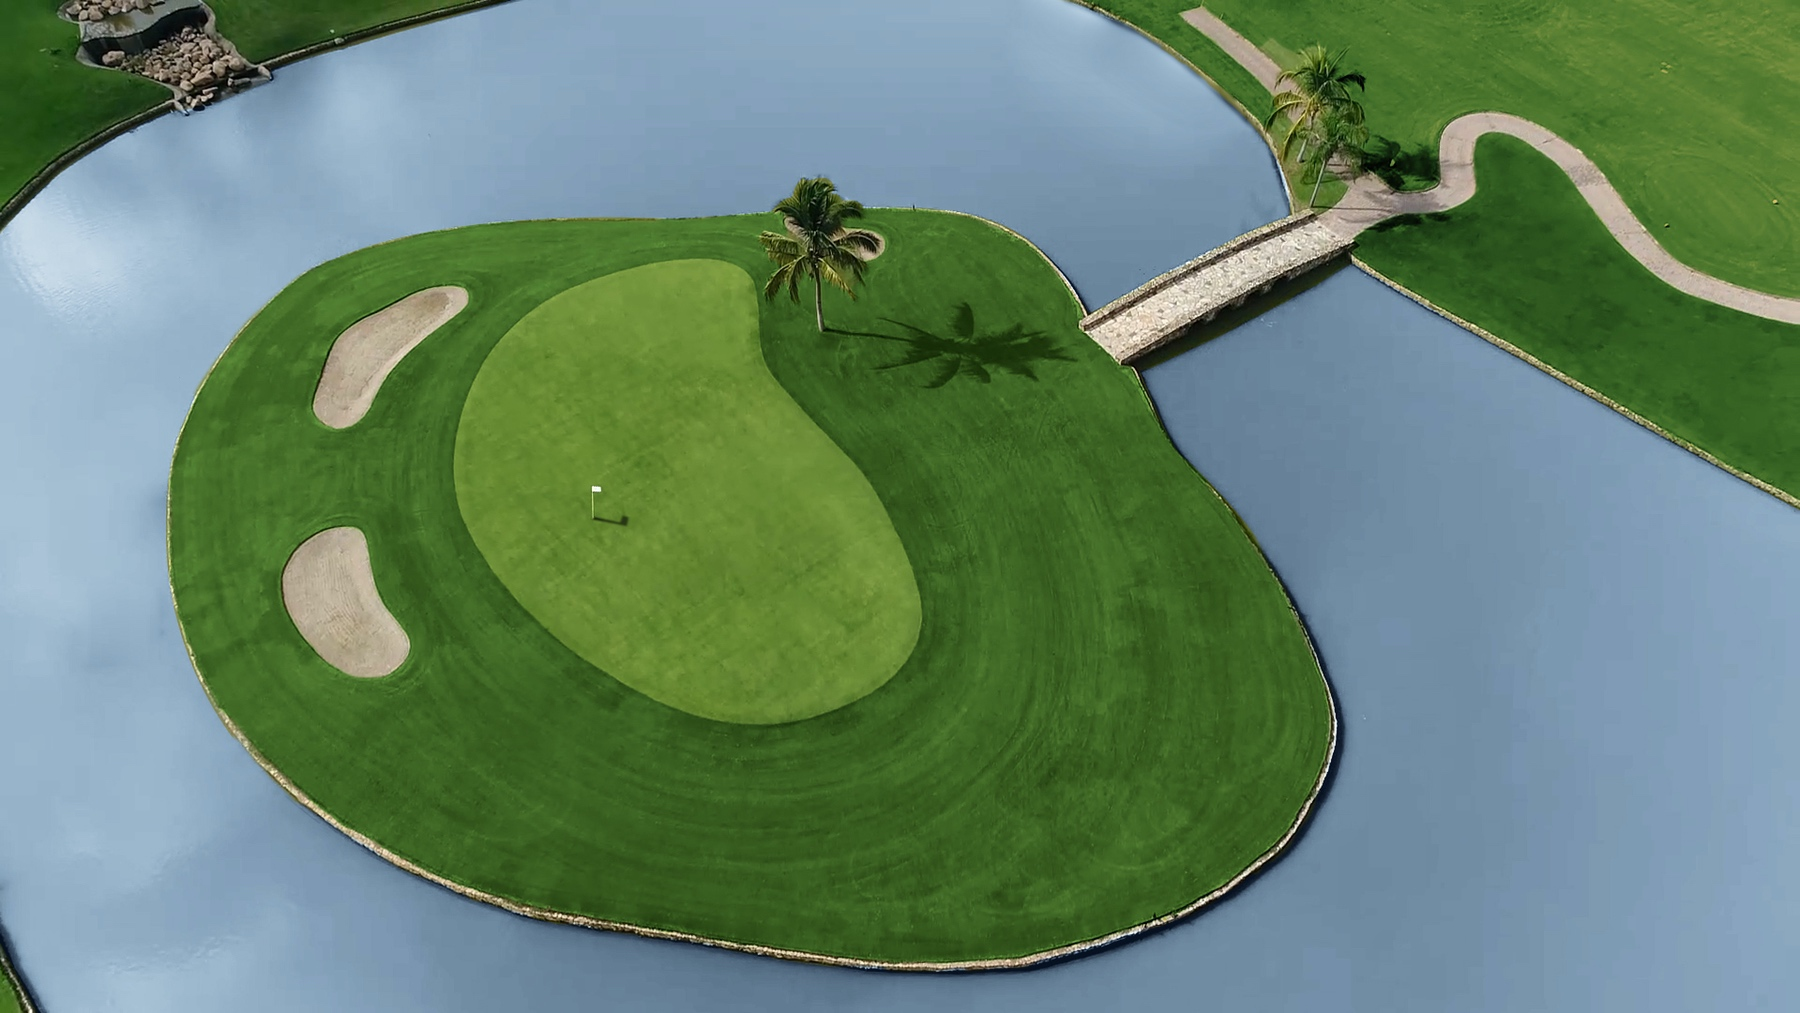 El Corazon Golf Course